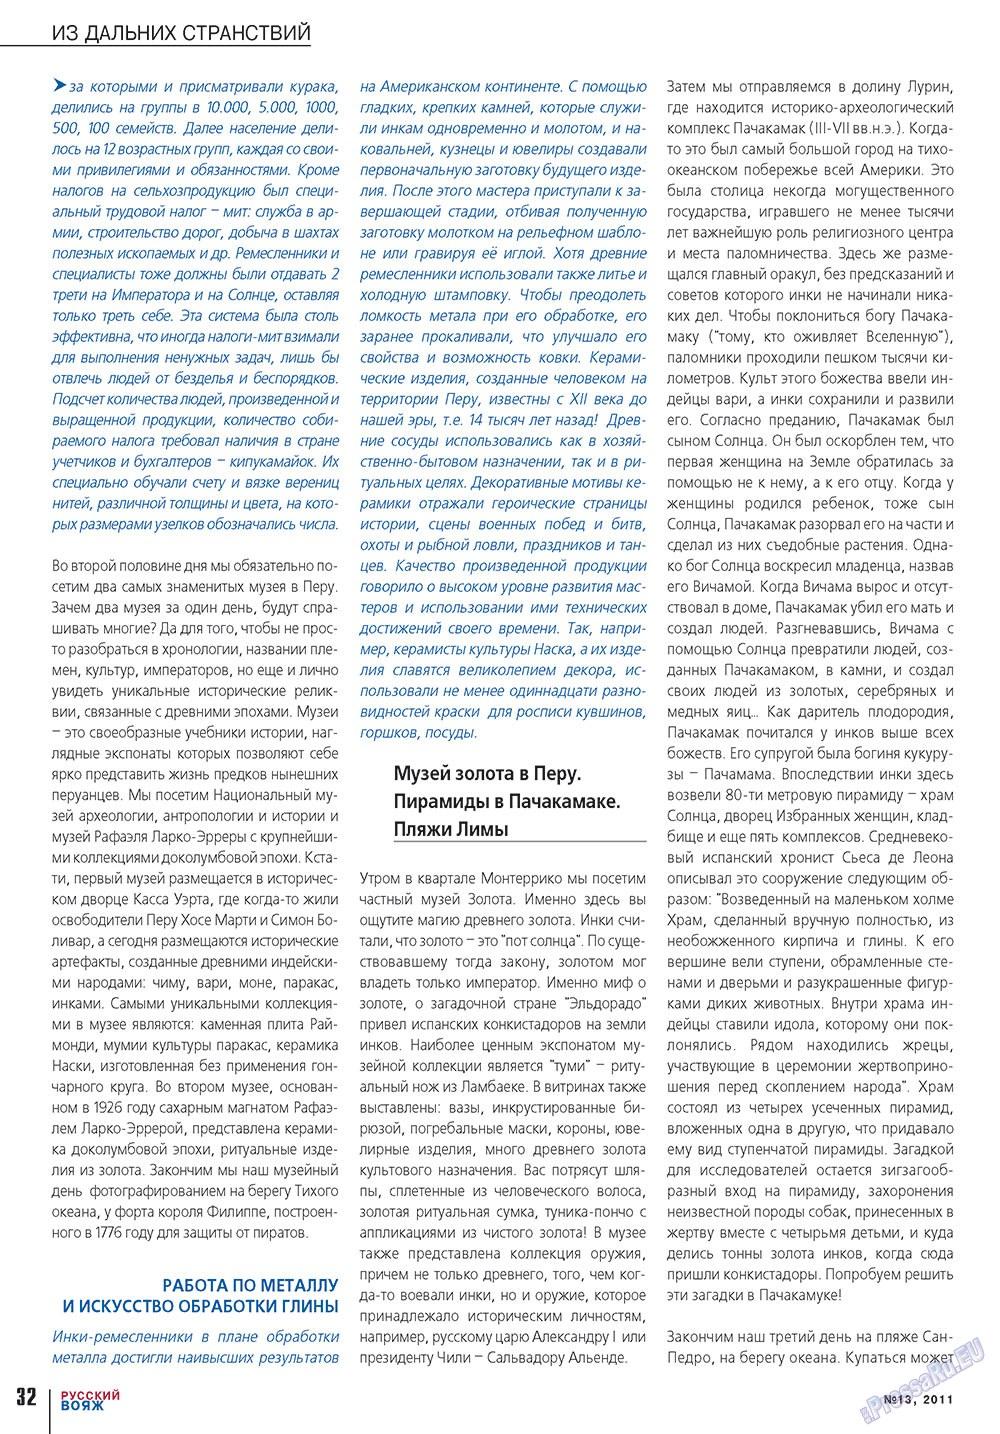 Русский вояж (журнал). 2011 год, номер 13, стр. 32